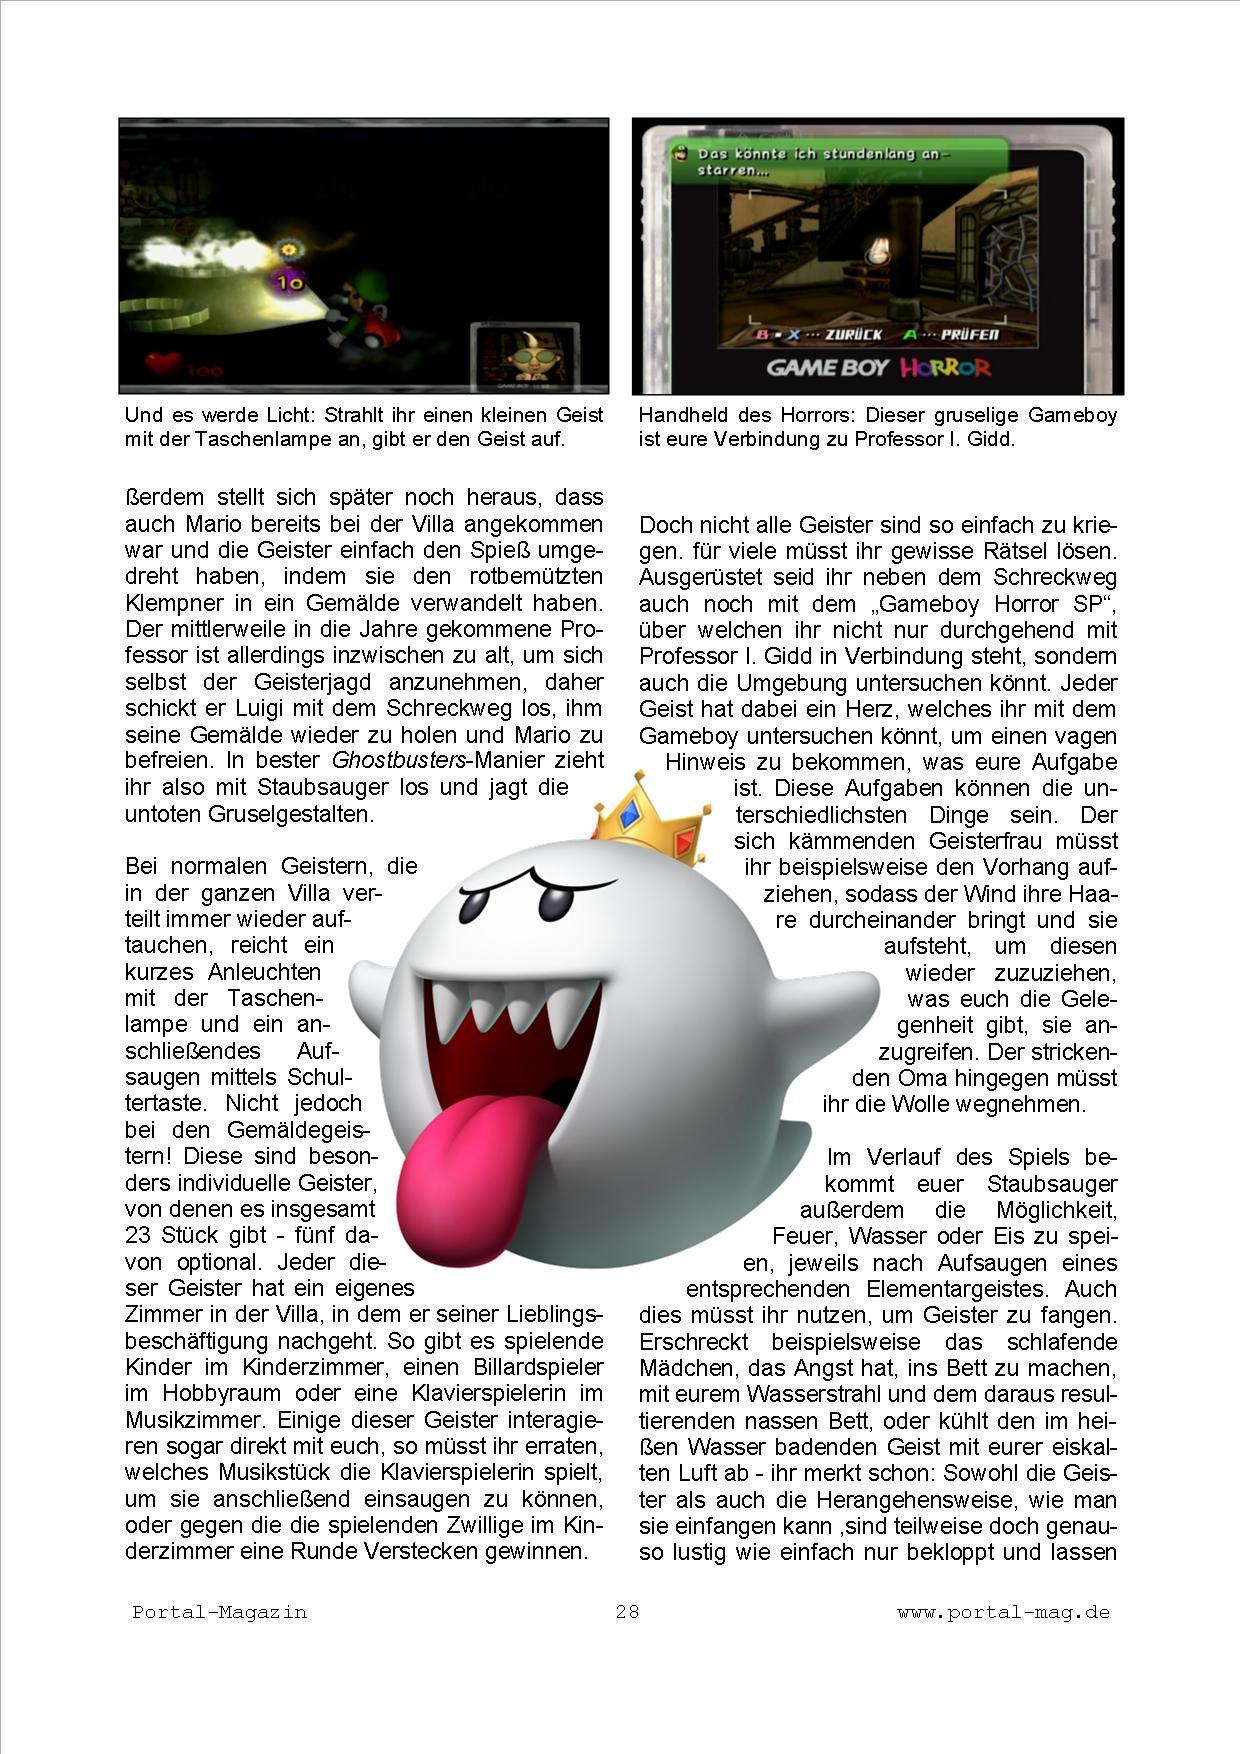 Ausgabe 36, Seite 28